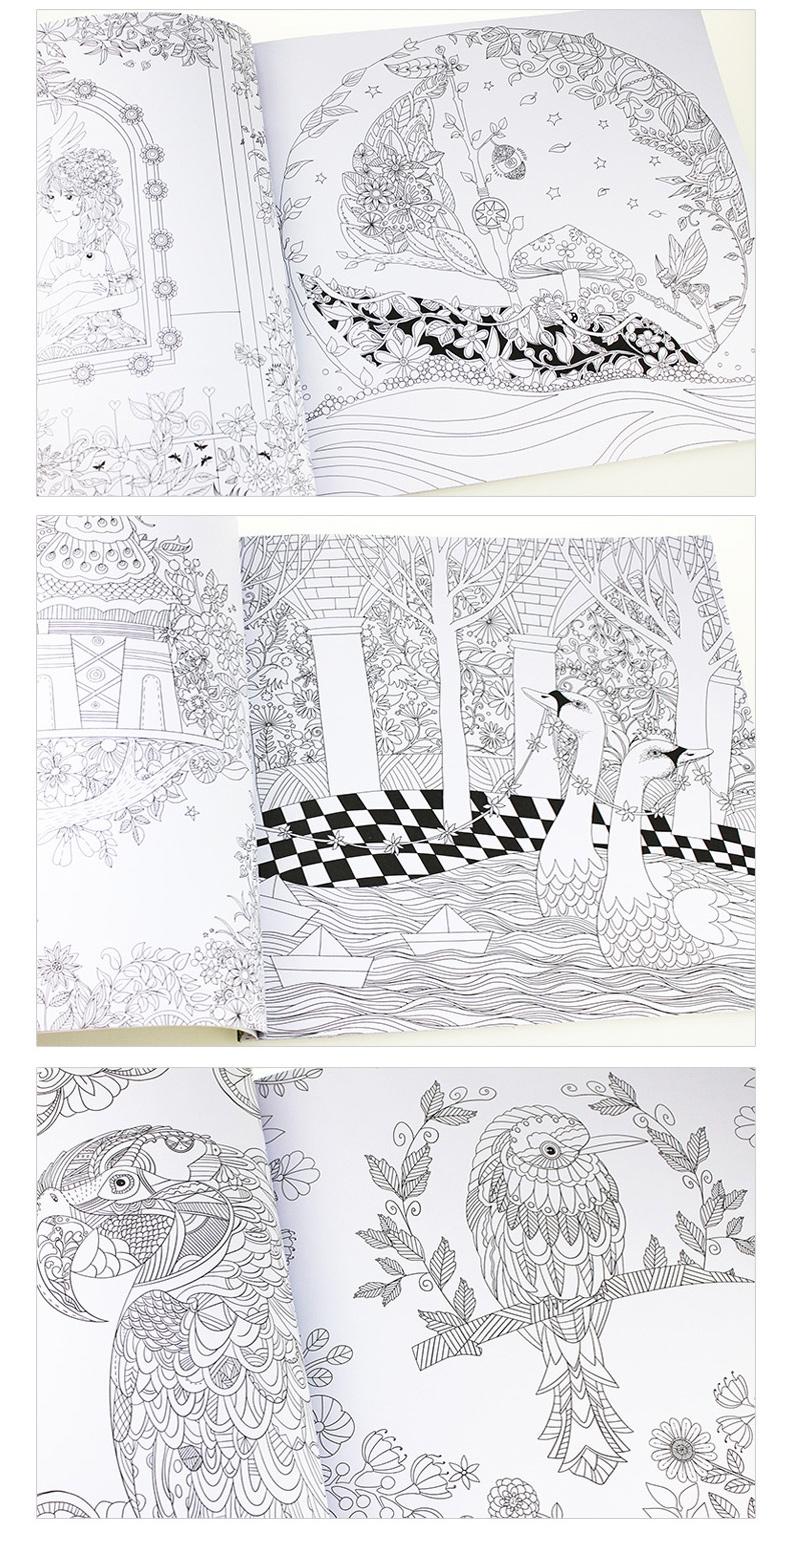 手绘涂色书 成人填色本减压时间旅程 神秘花园 童话梦境 奇幻森林全套